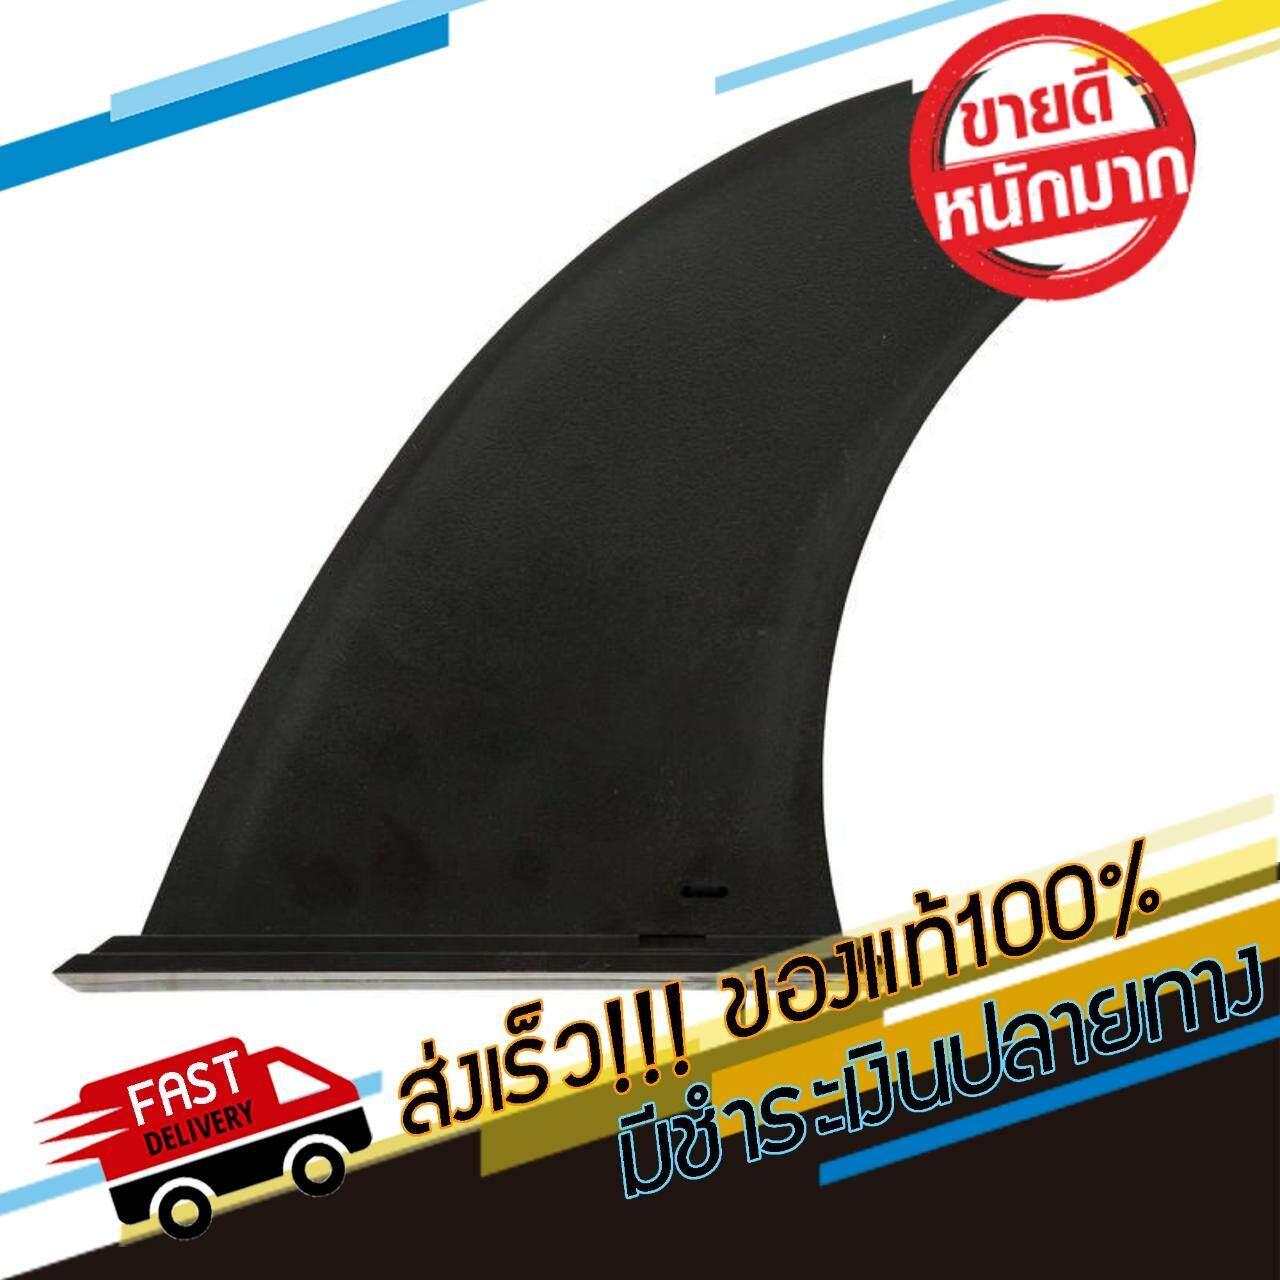 ((มีสินค้า)) ครีบกระดานยืนพายหรือเรือคายัคสูบลมชนิดไม่ต้องใช้เครื่องมือติดตั้ง ขนาด L (สีดำ) กระเป๋ากันน้ำ ที่สูบลม และอุปกรณ์ บอร์ดยืนพาย ไม้พาย เสื้อชูชีพ  ของแท้ 100% ราคาถูก